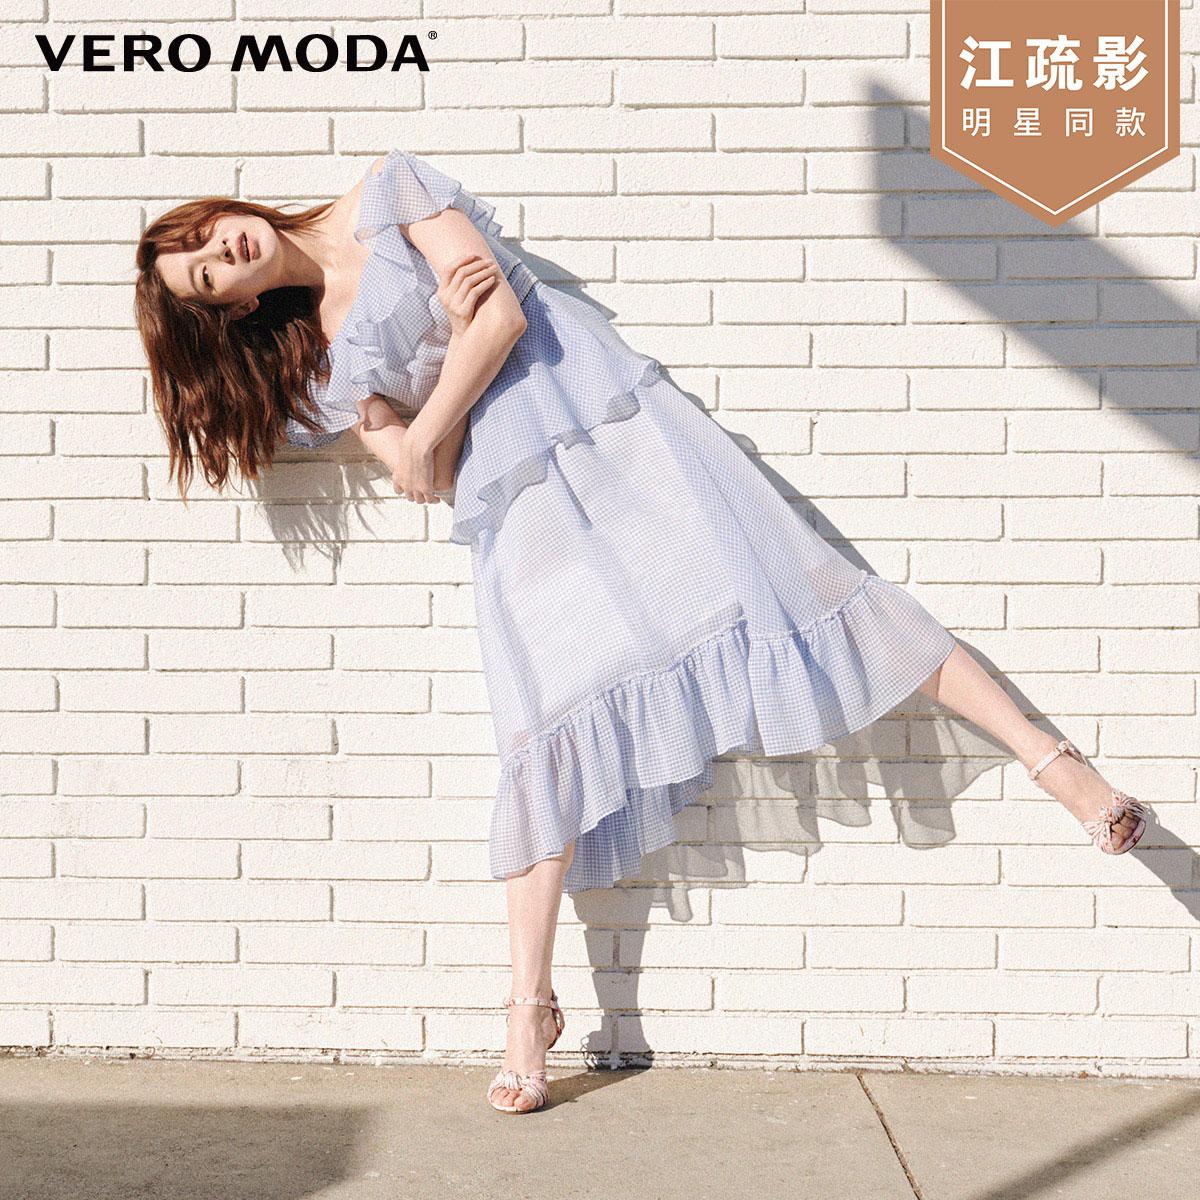 江疏影明星同款Vero Moda2019夏季新款格纹连衣裙女